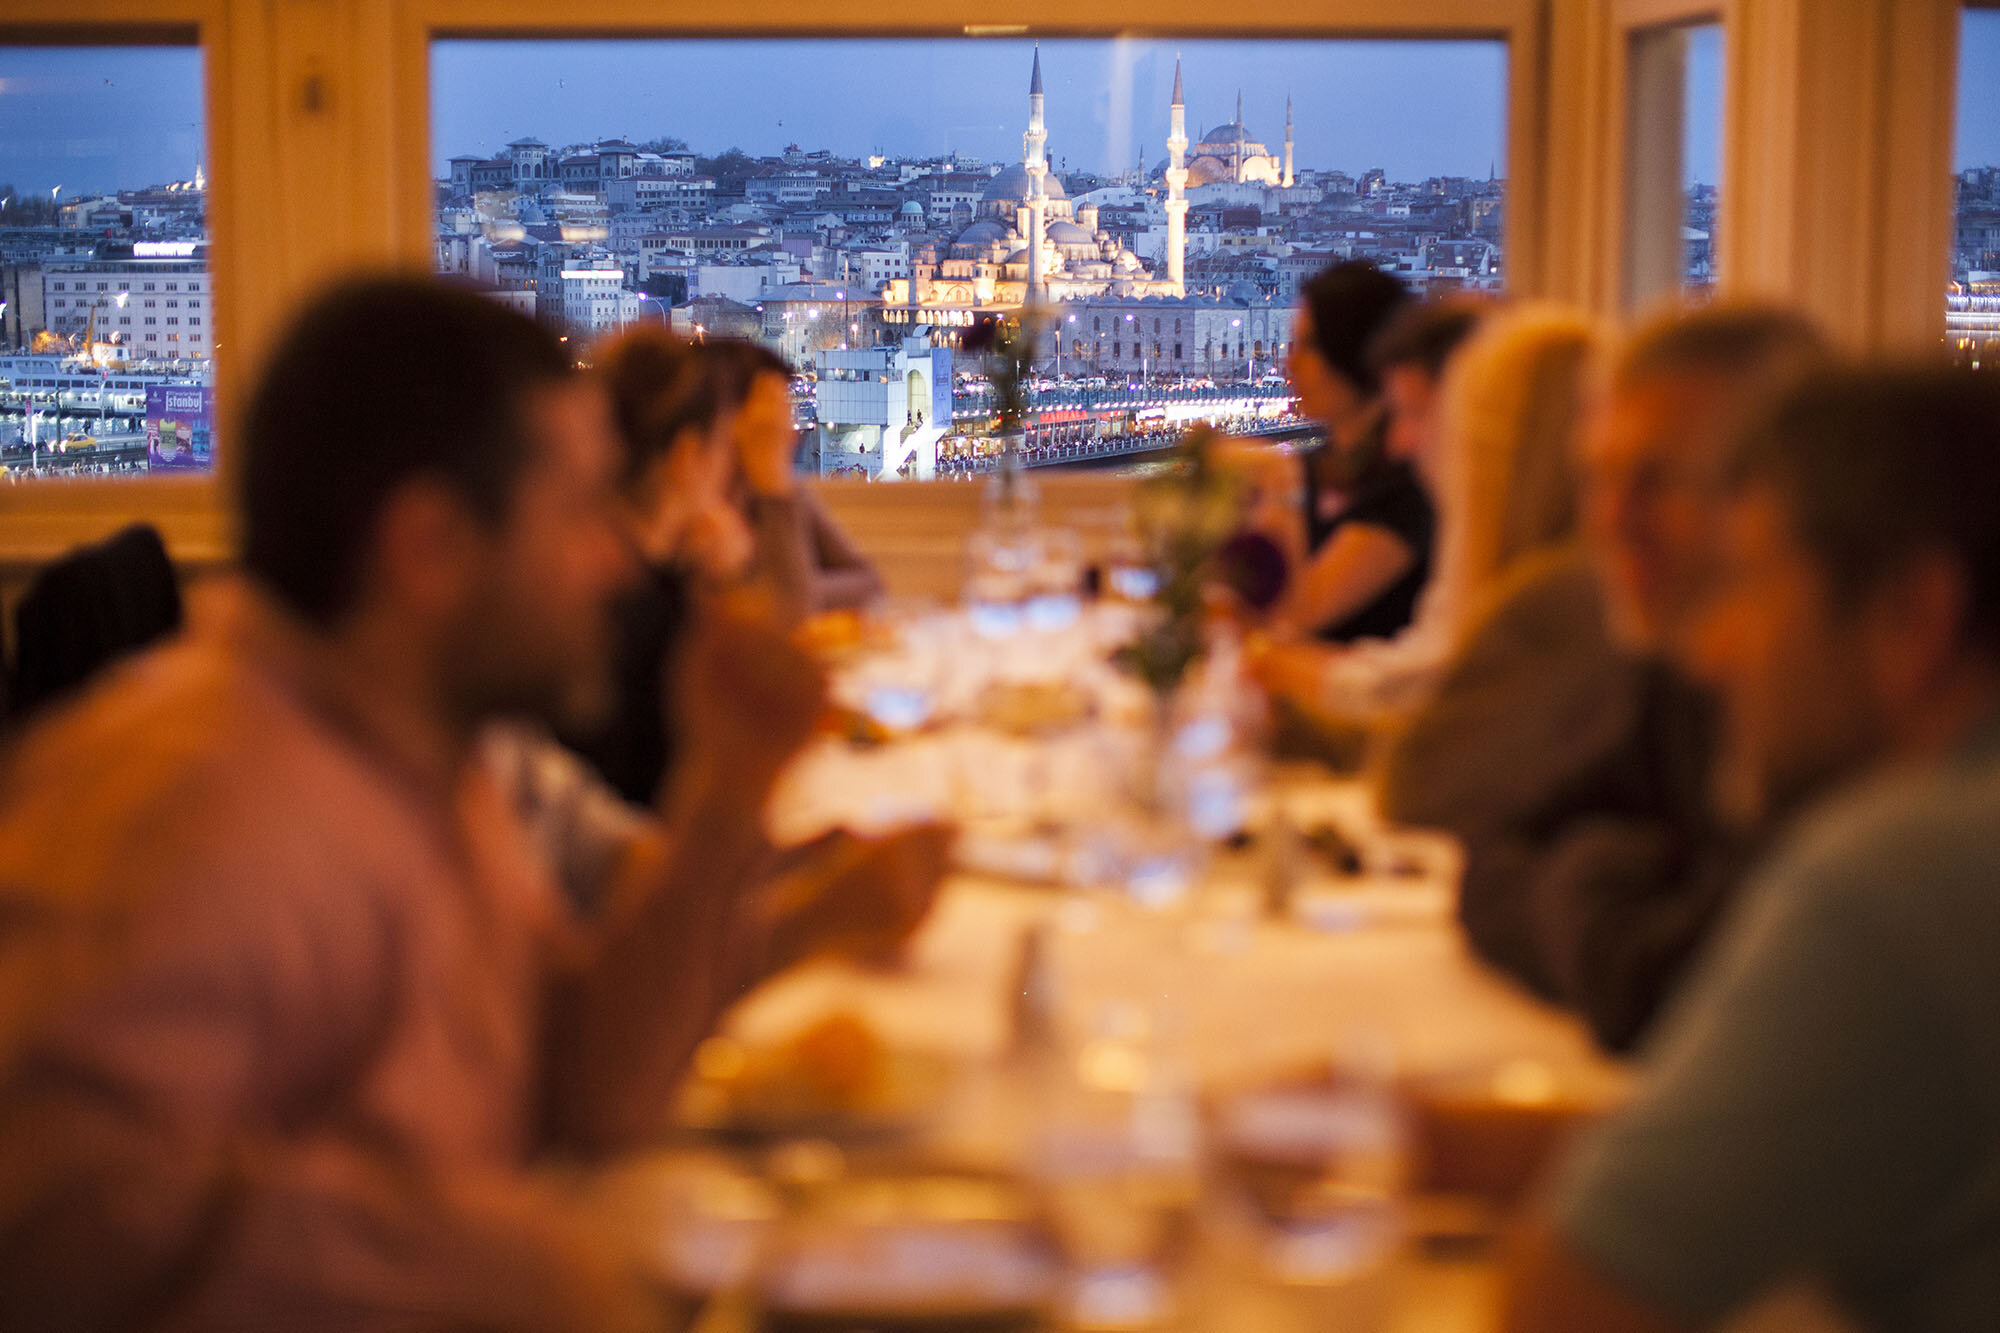 """Photo Credit: Sinan Cakmak. A scene from the documentary, """"İstanbul Meyhaneleri: Vuslatın Başka Alem""""."""